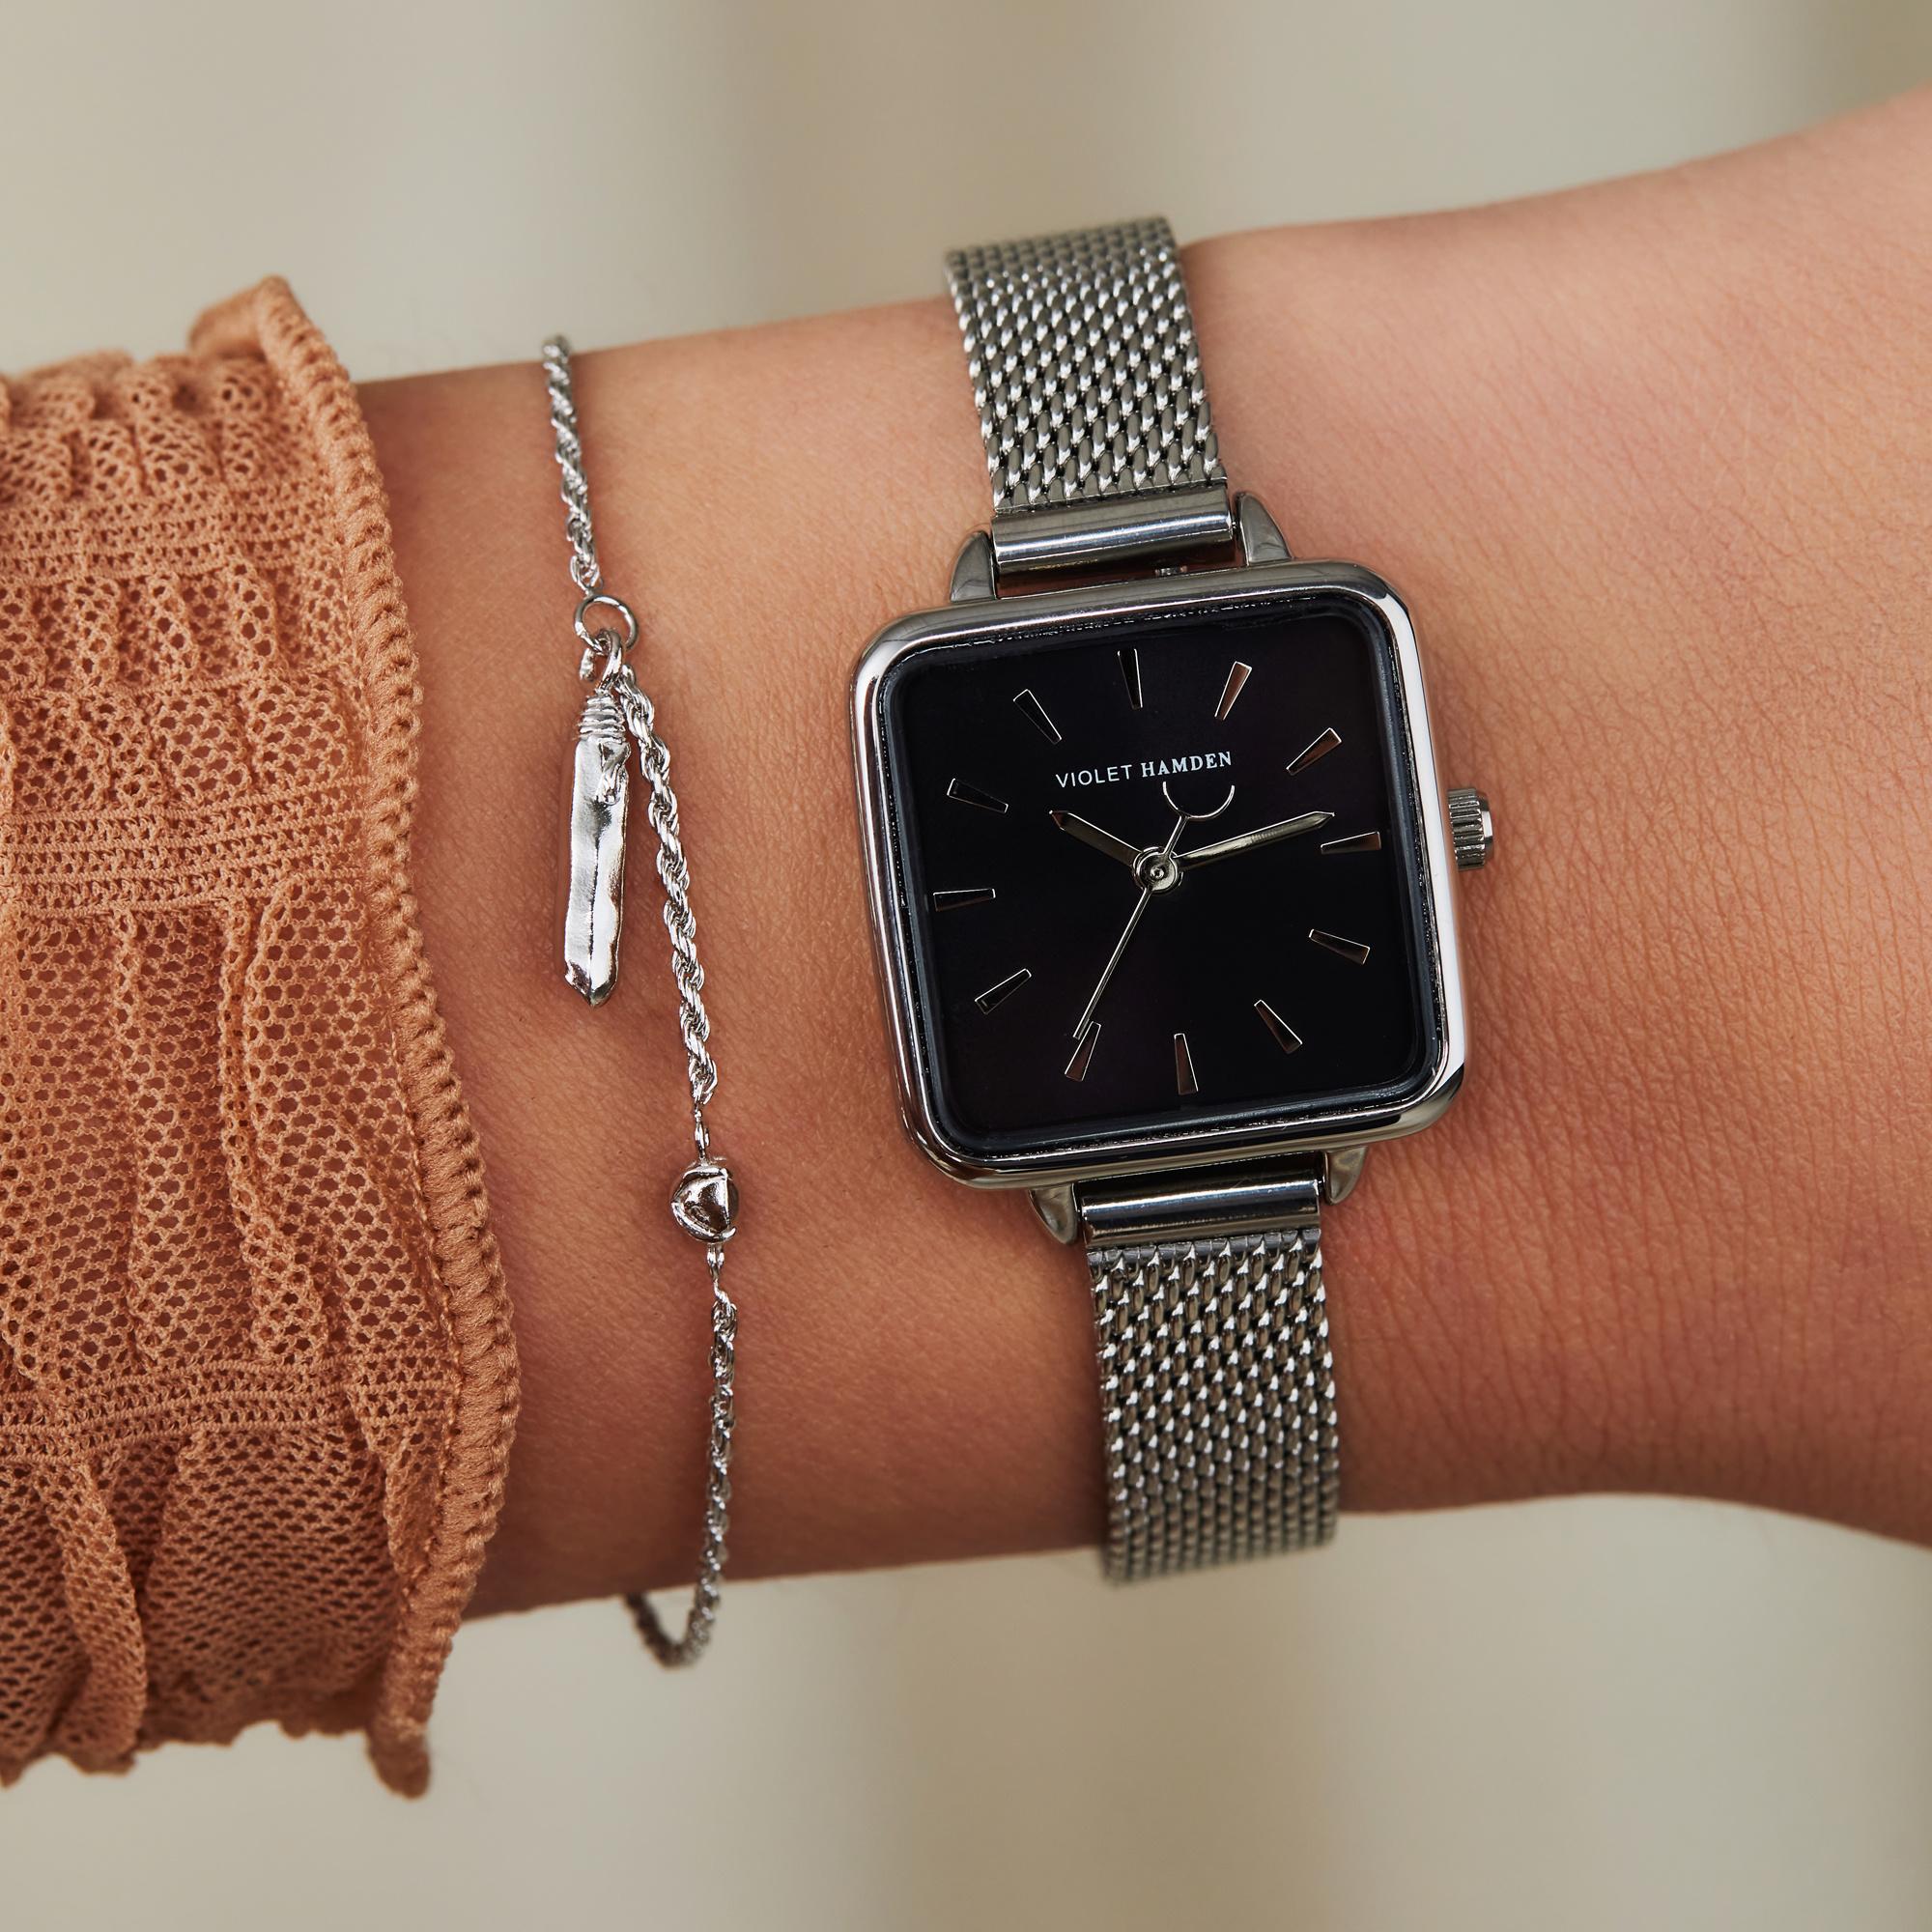 Violet Hamden Sisterhood Mona 925 sterling zilveren armband met staafje en steentje